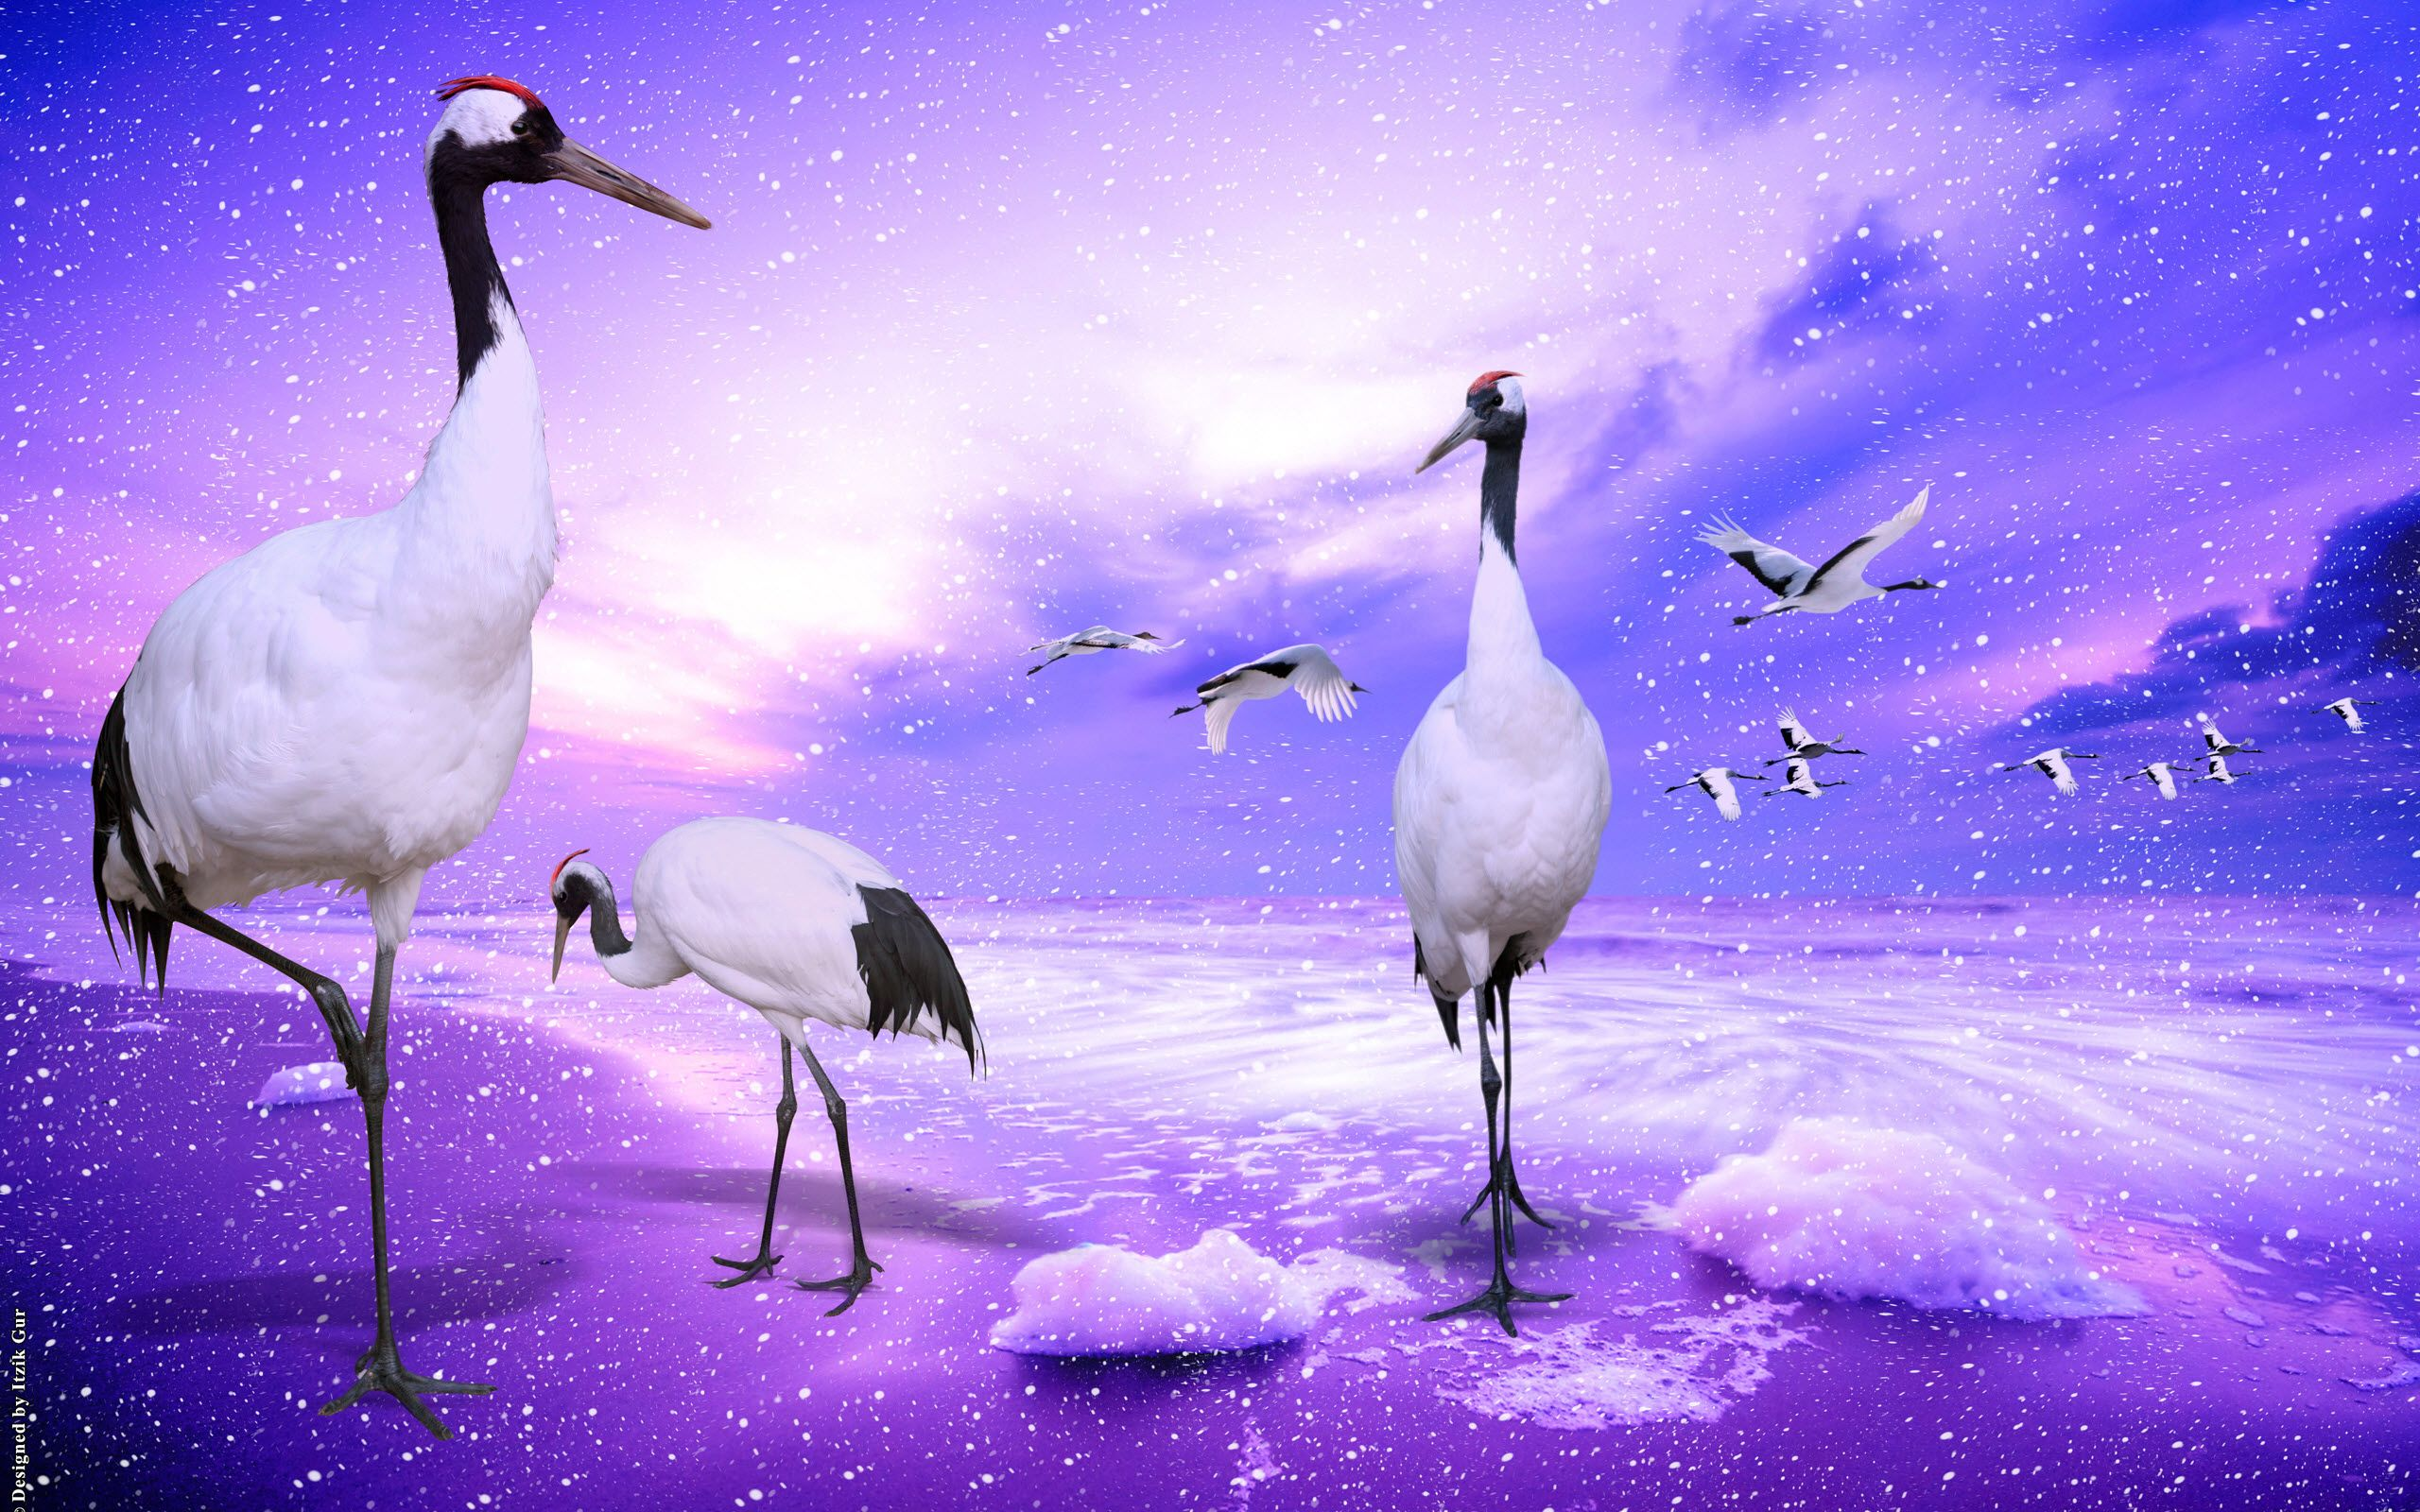 Tải ảnh chim hạc đẹp nhất thế giới